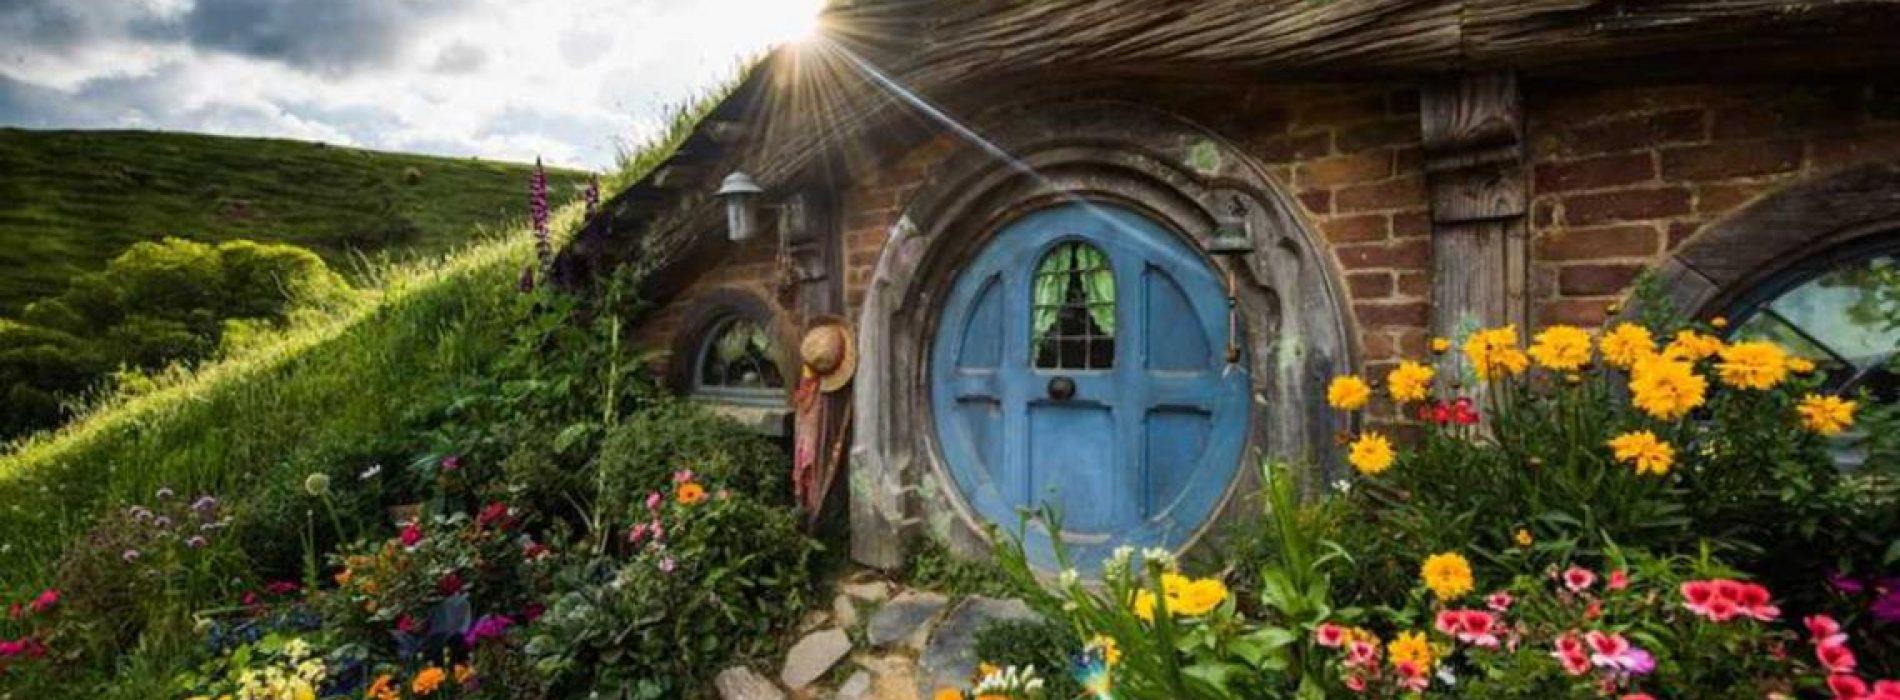 Gaaf: Je kunt in deze nieuwe Hillside Hobbit-themahuizen bij Calgary verblijven